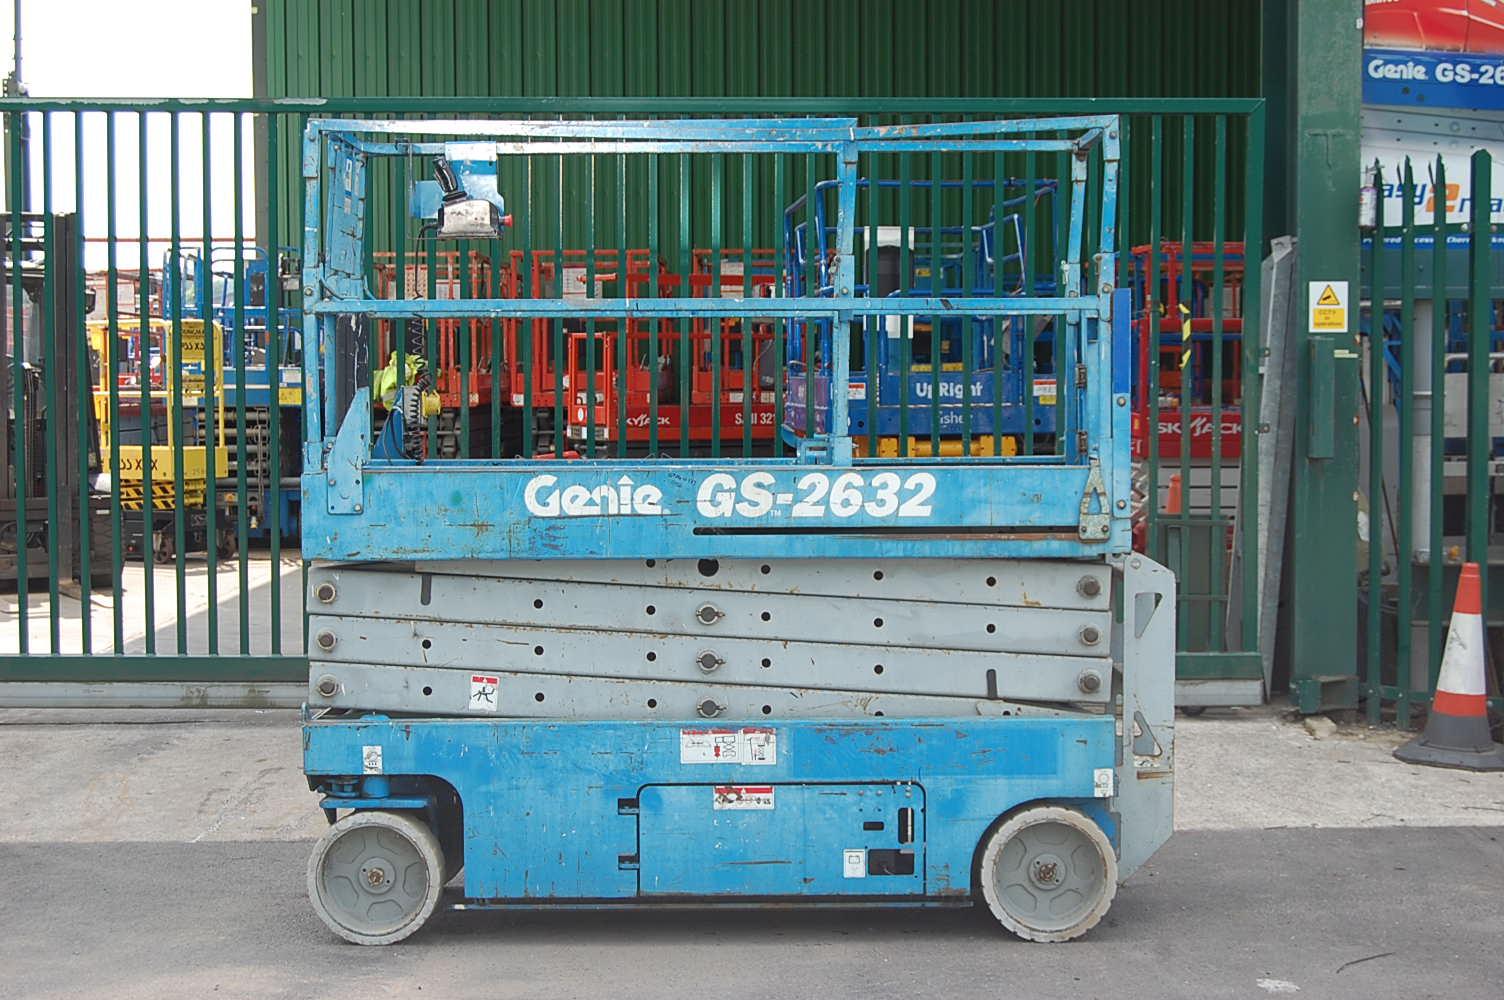 2005 Genie 2632 Electric Scissor Lift 10m